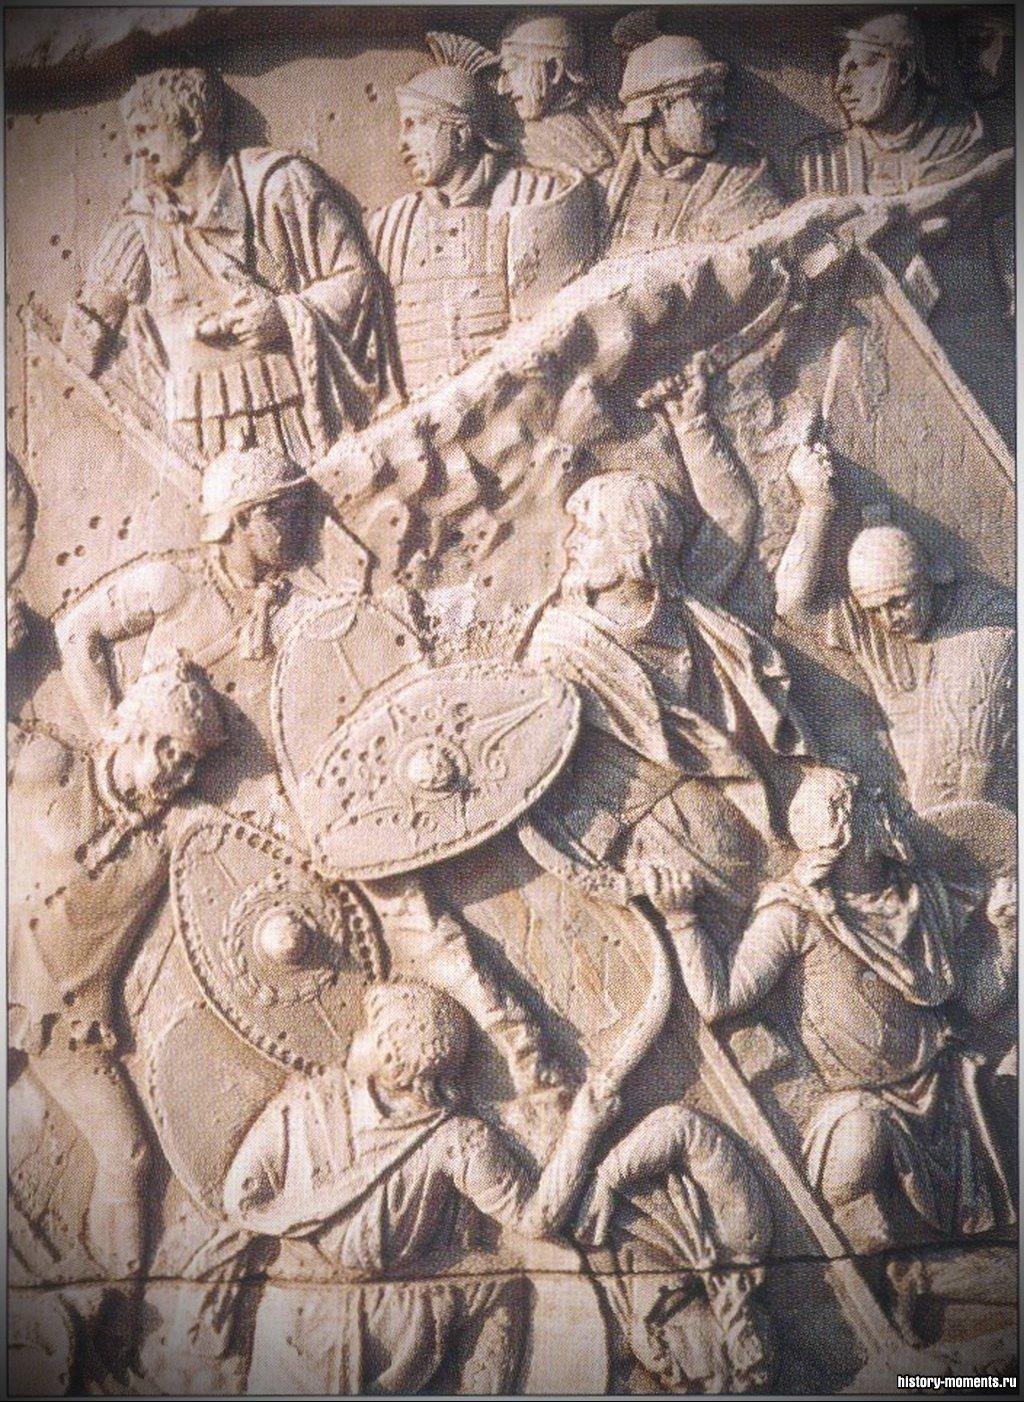 Рельеф с колонны Траяна, изображающий римских солдат в бою.